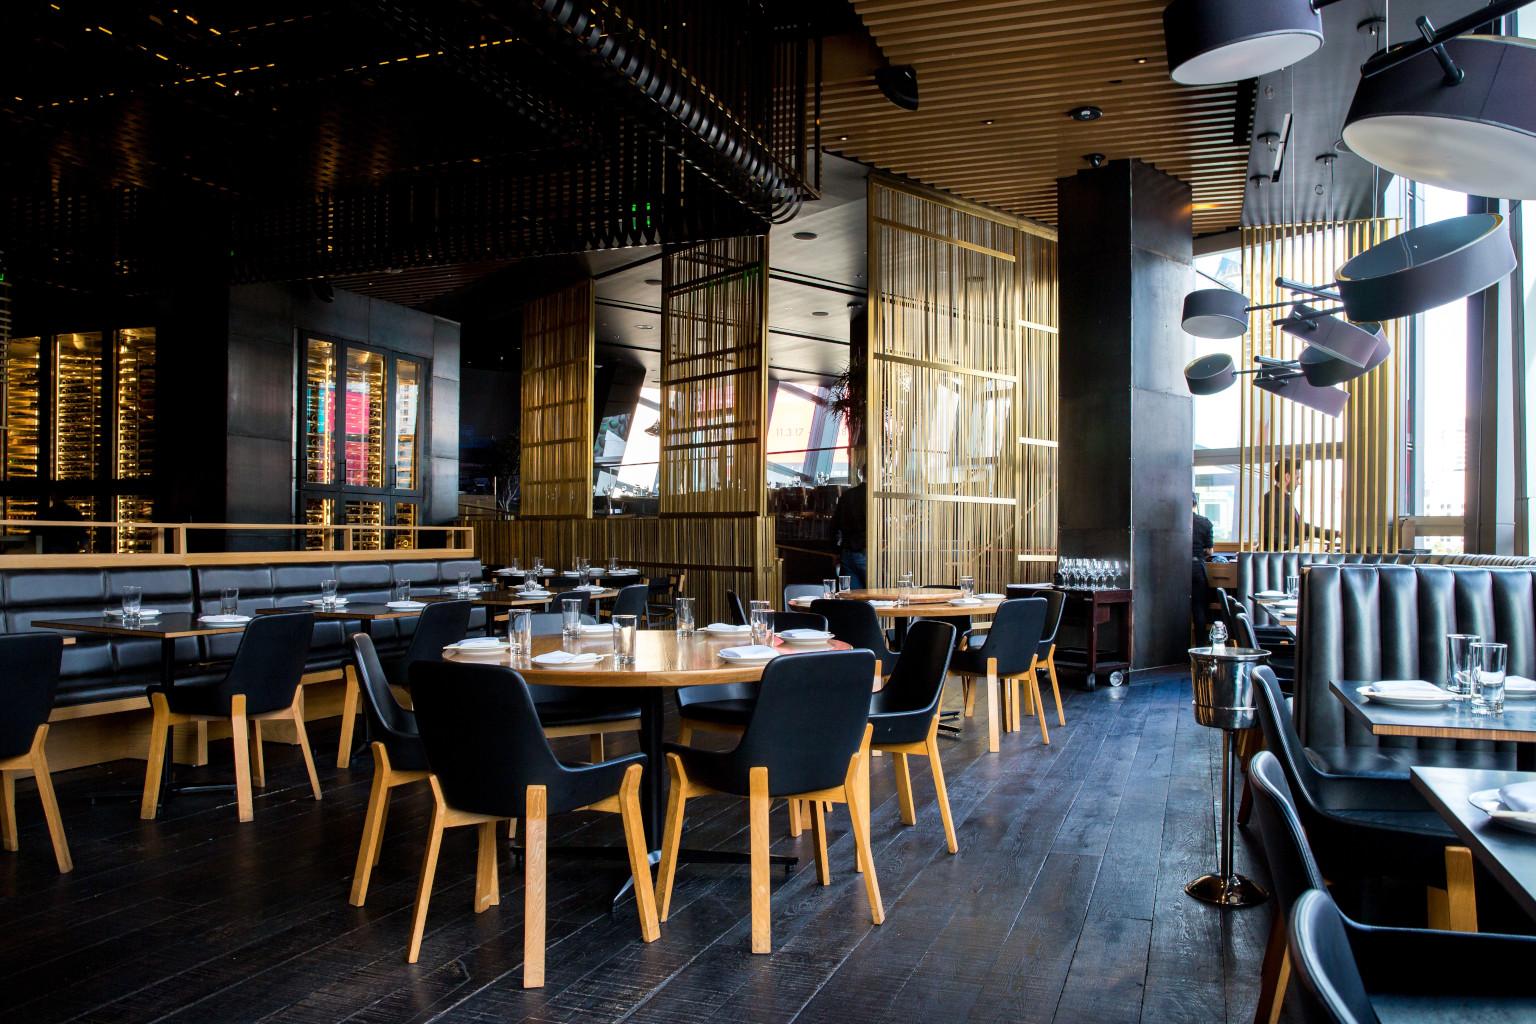 Gepardy Biznesu 2020 Gastronomii